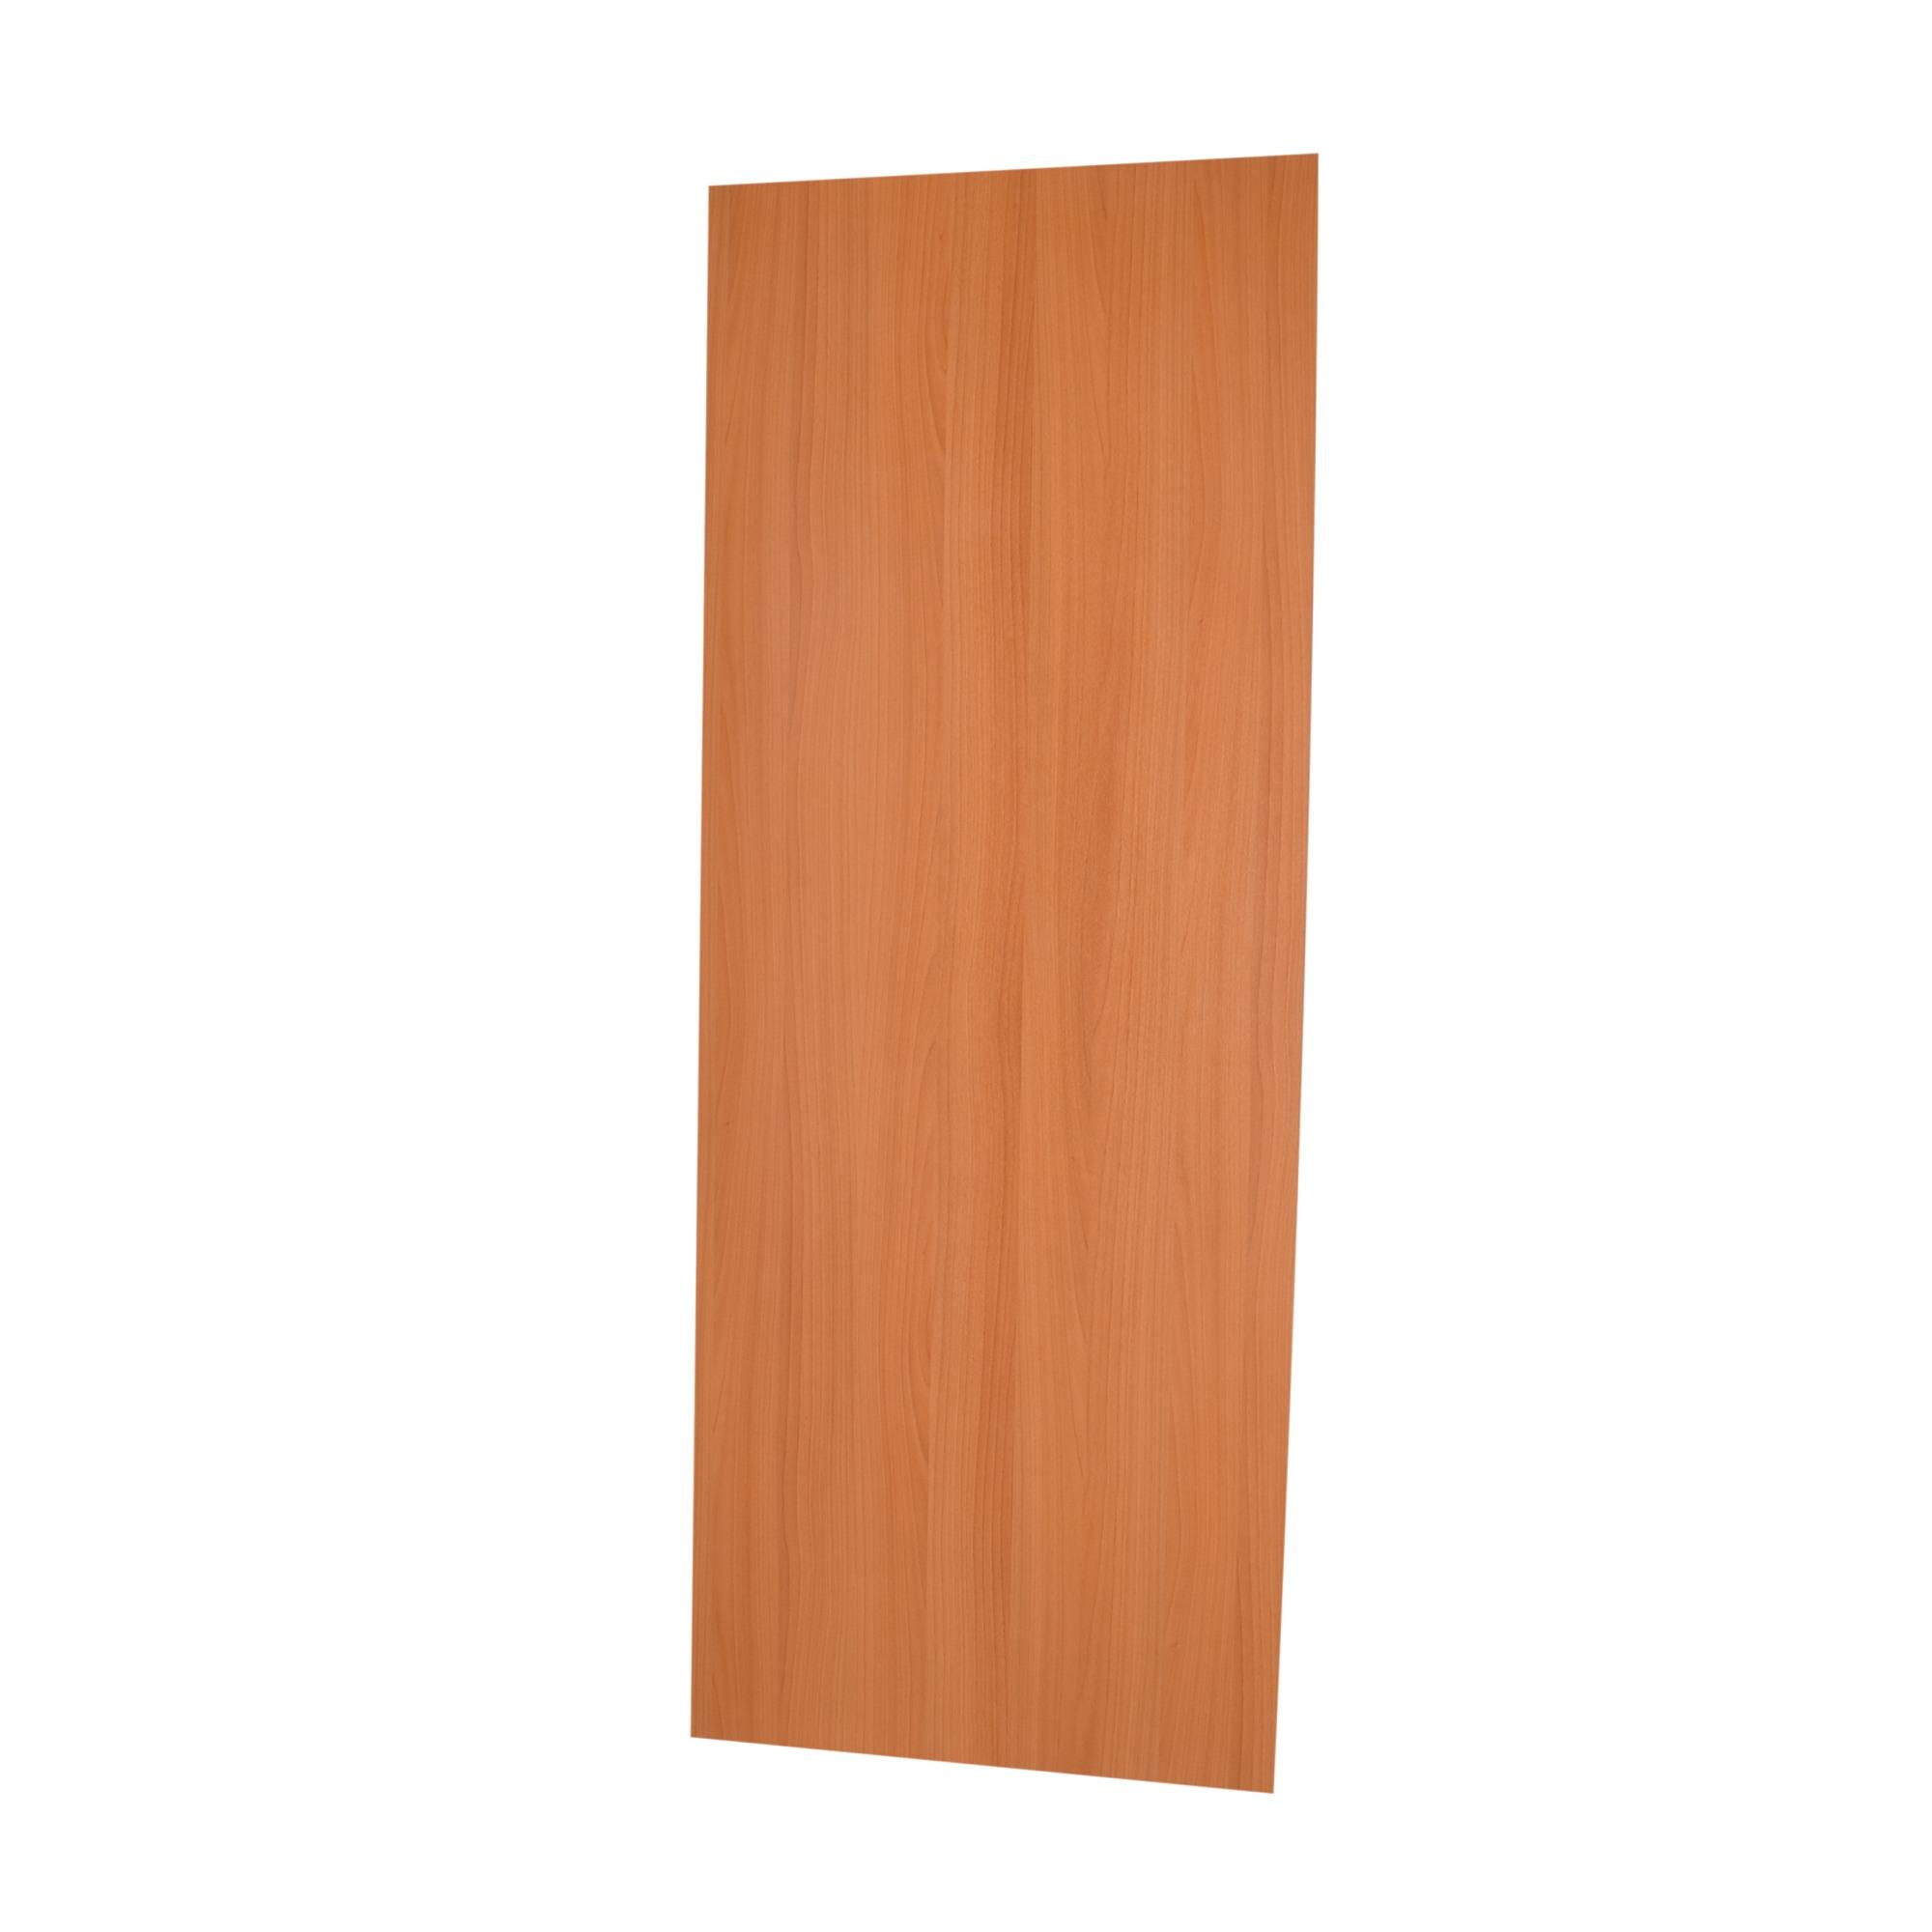 Porta de Madeira de Abrir Lisa Semissolido 60 x 210cm Pinus - Branco - Madelar